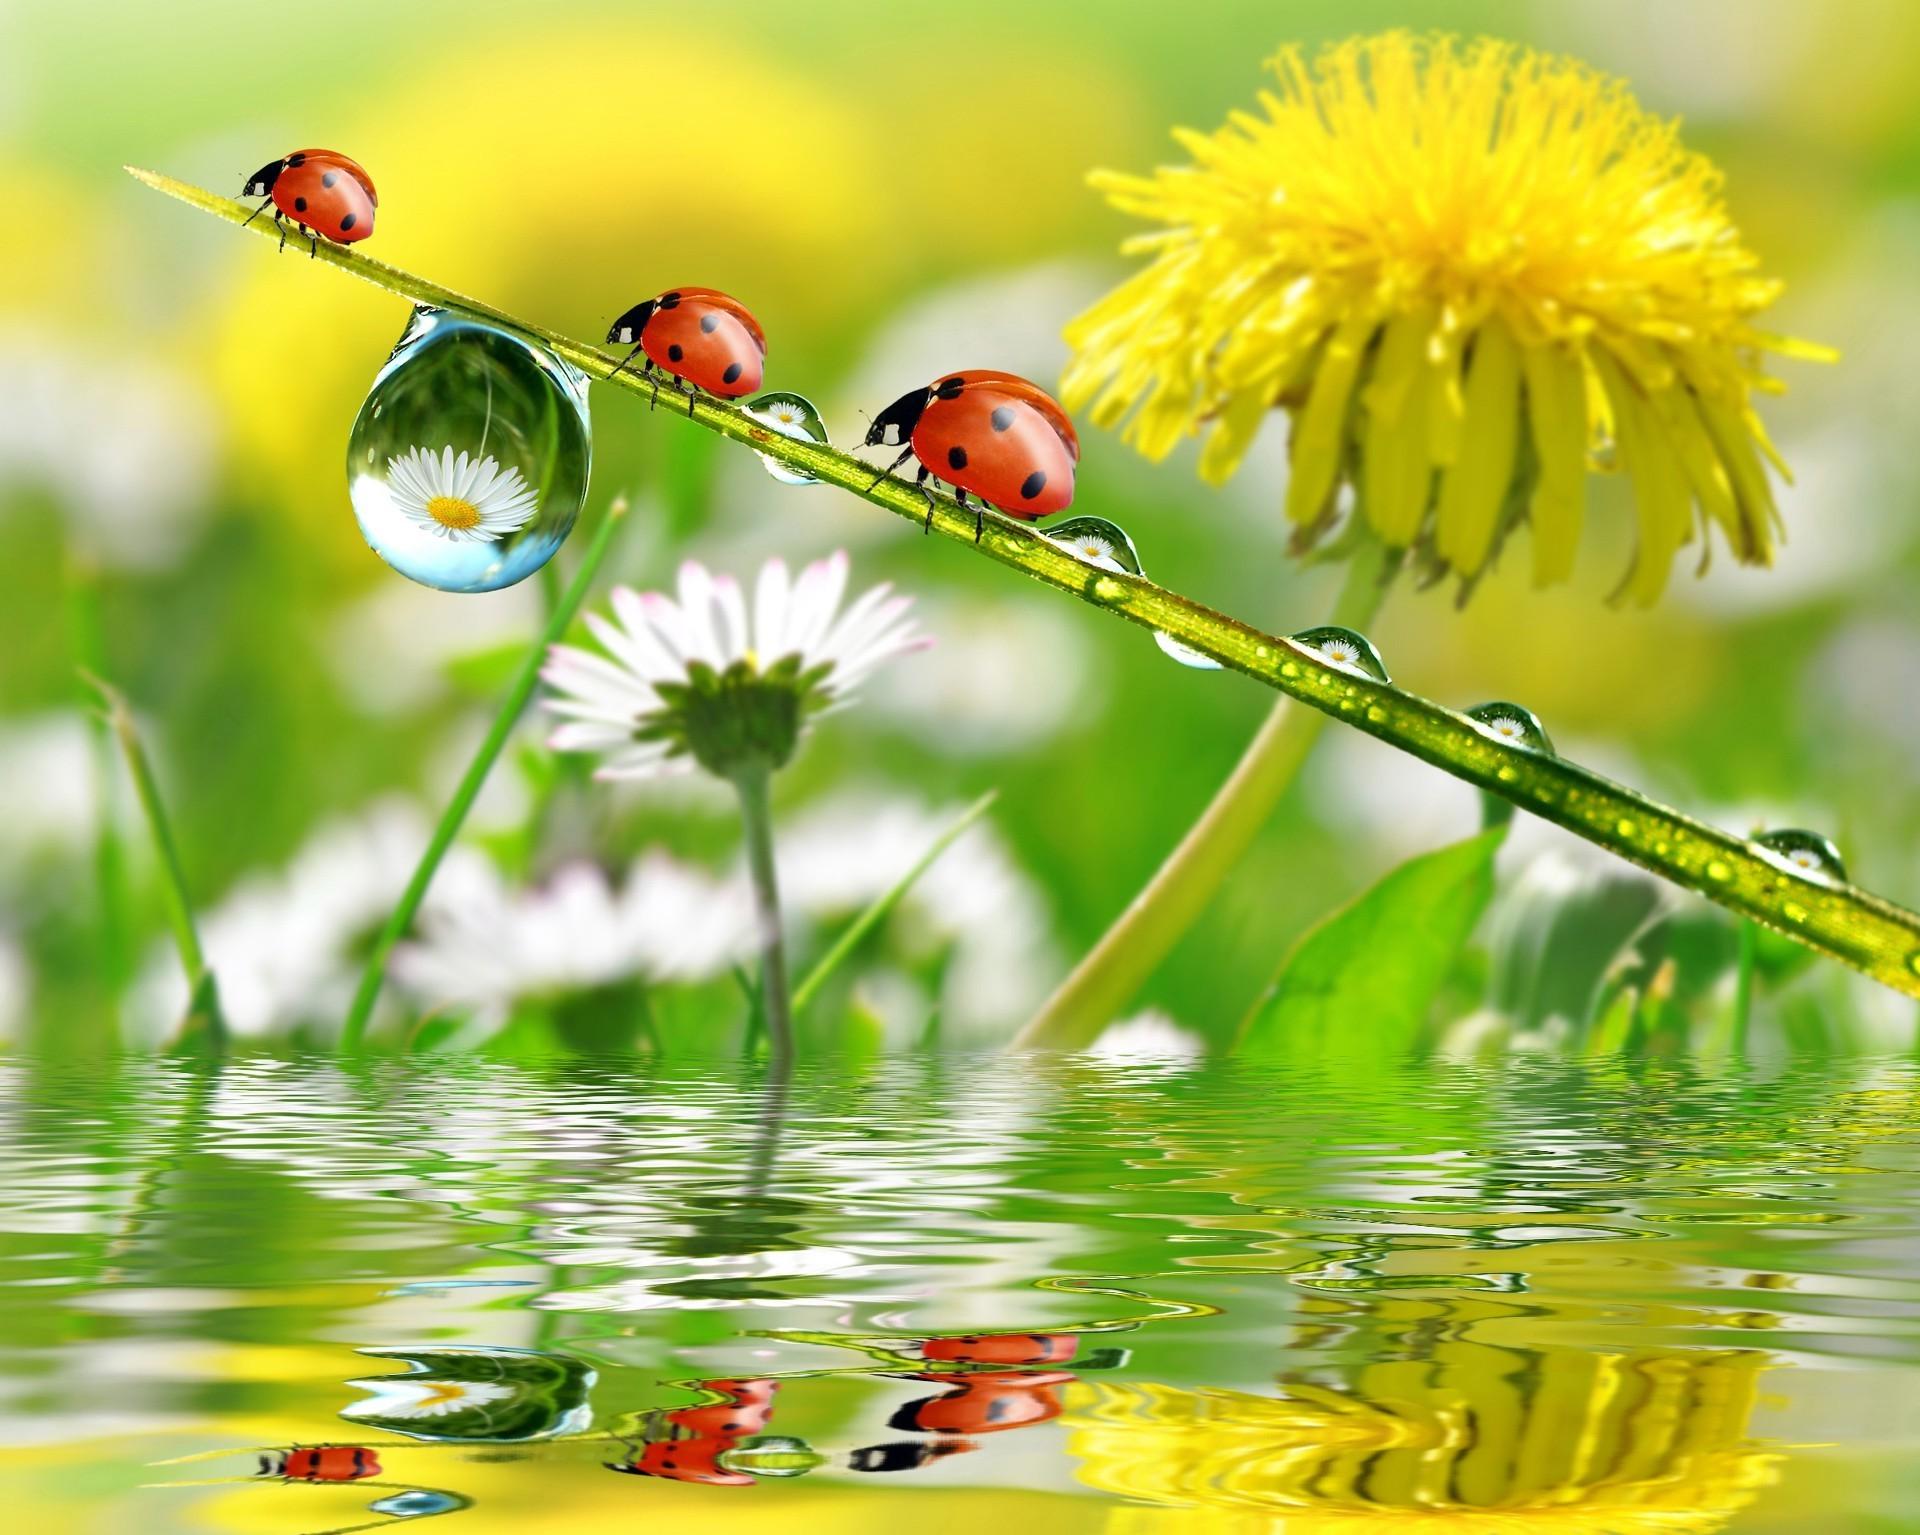 третье открытки с летним добрым утром с природой там основном показаны